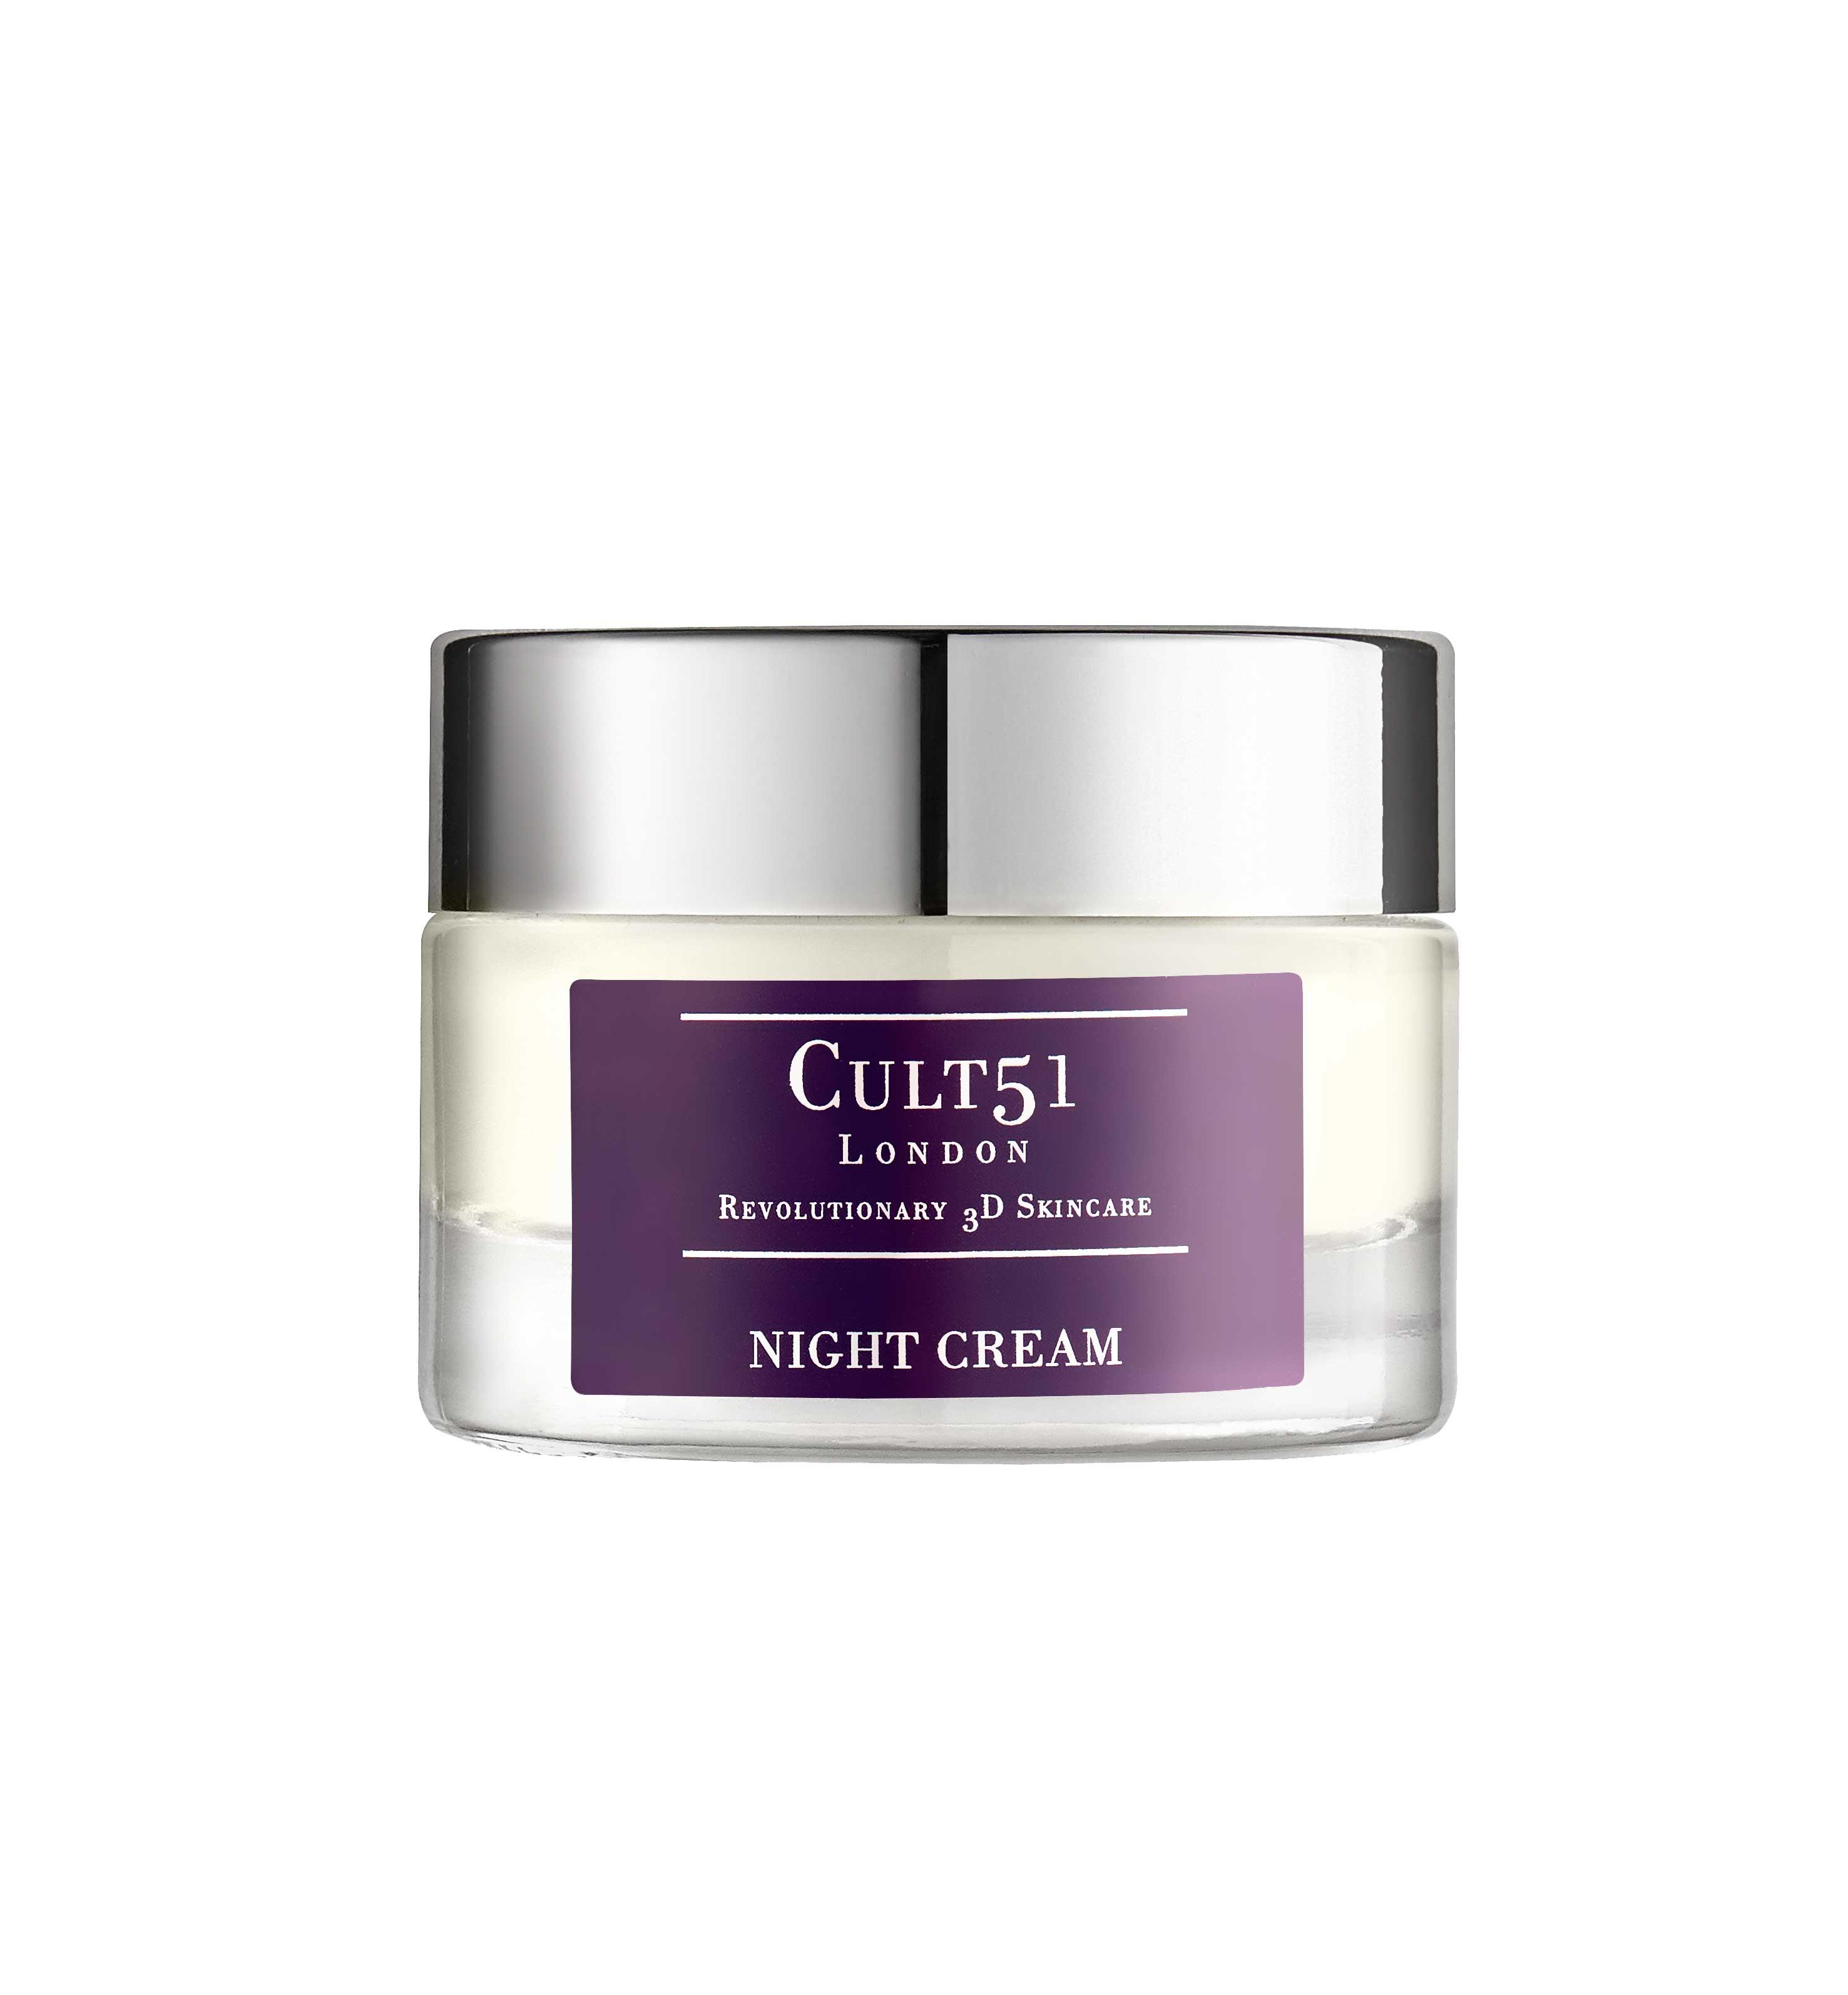 Free Night Cream Gift